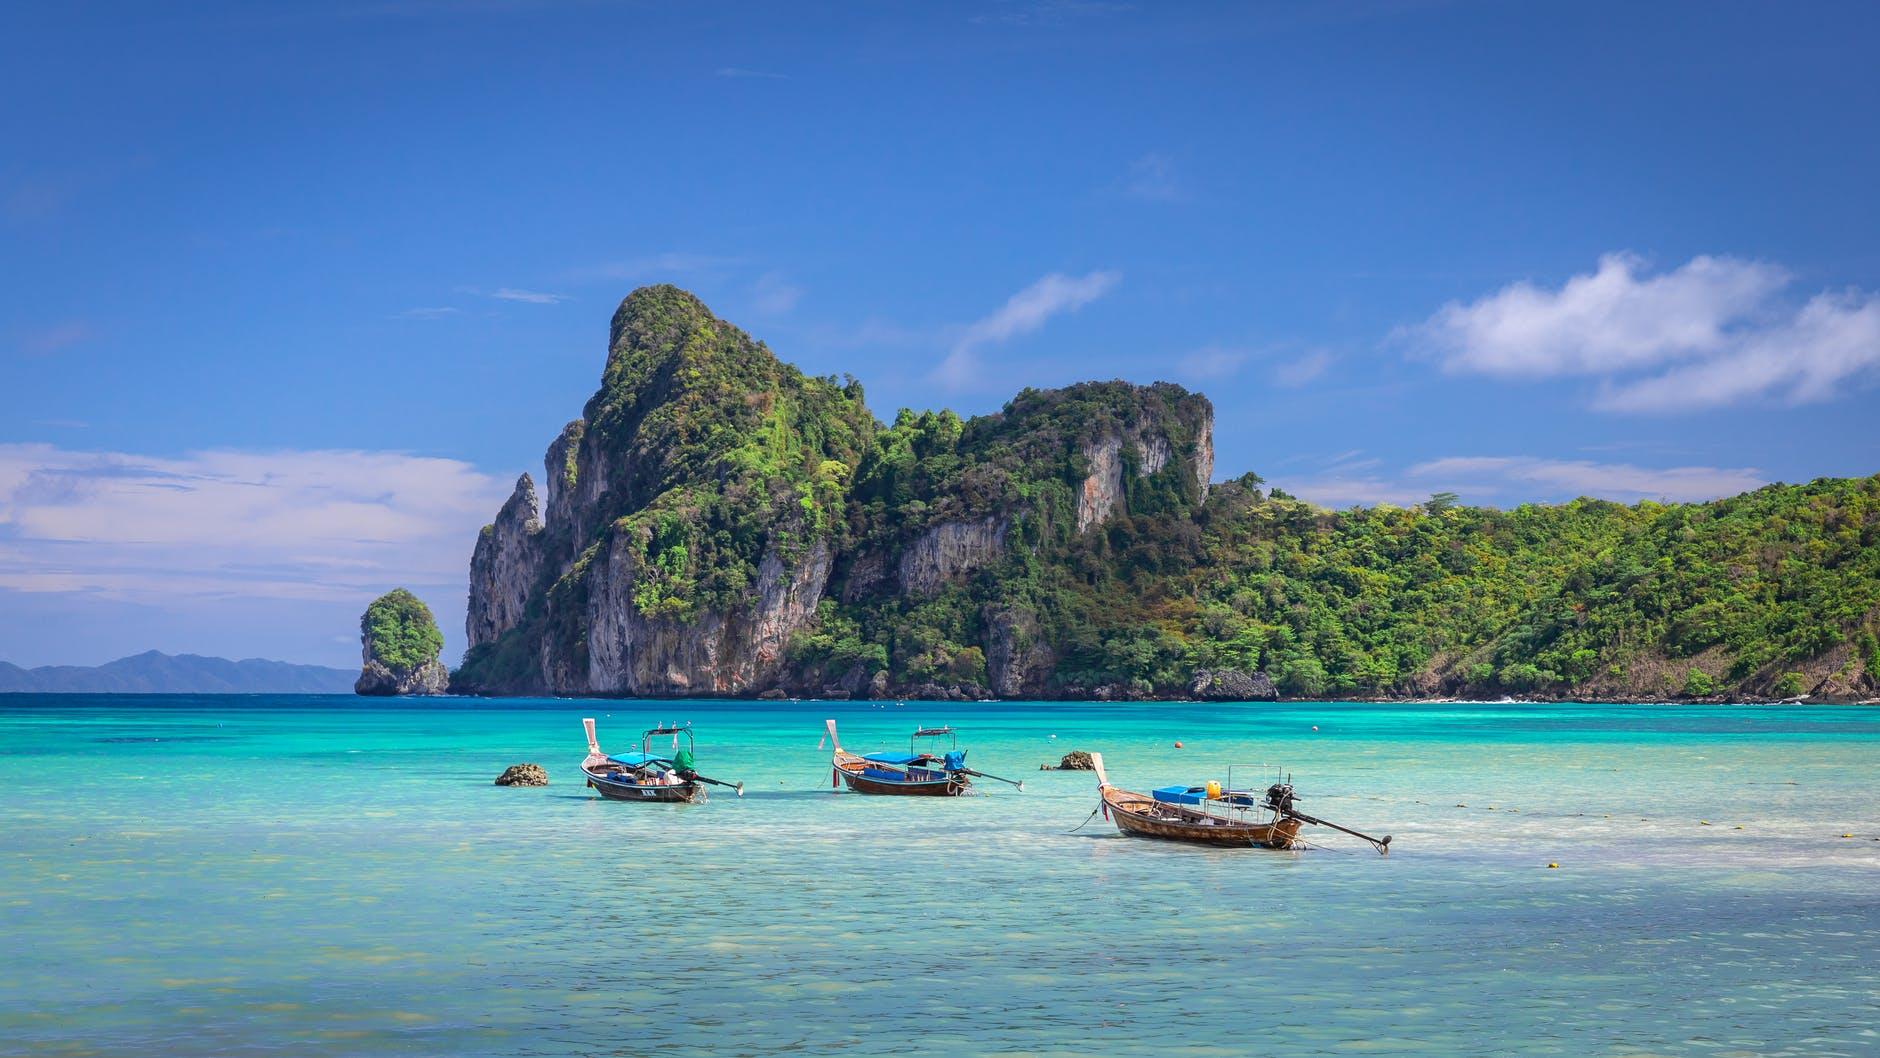 Phuket isla